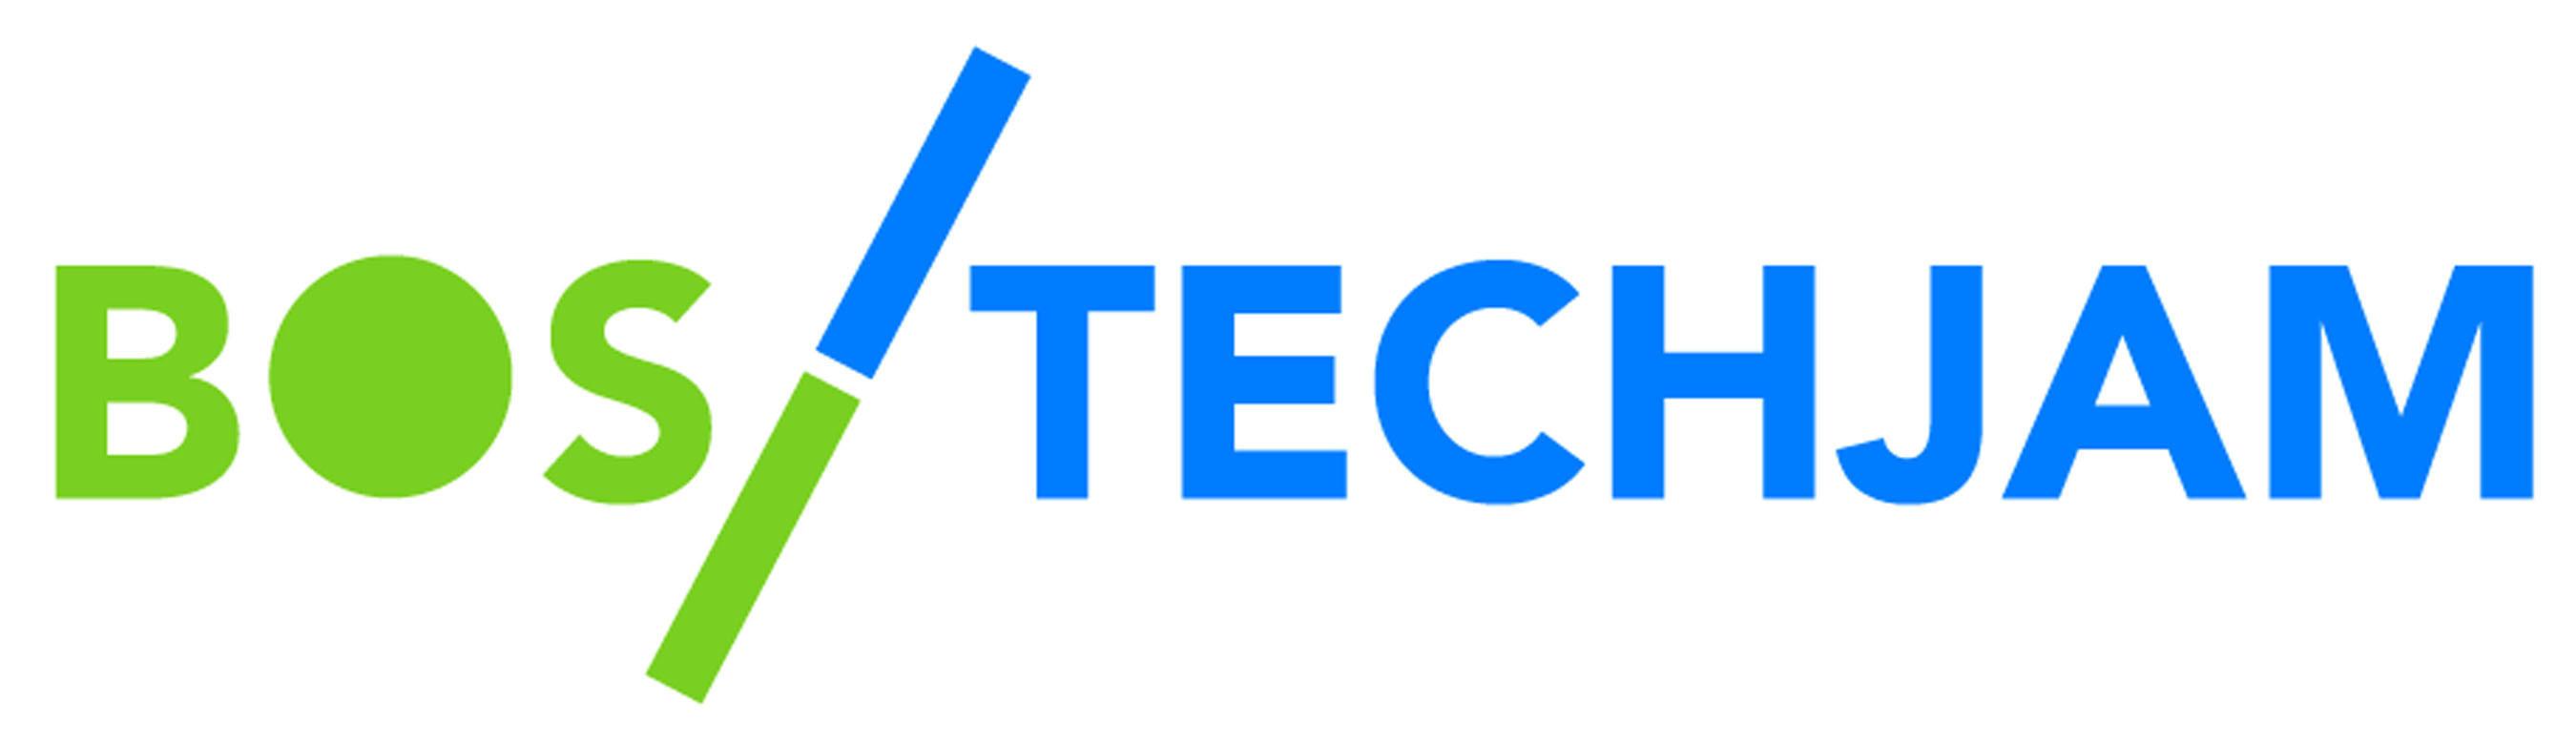 Boston TechJam logo